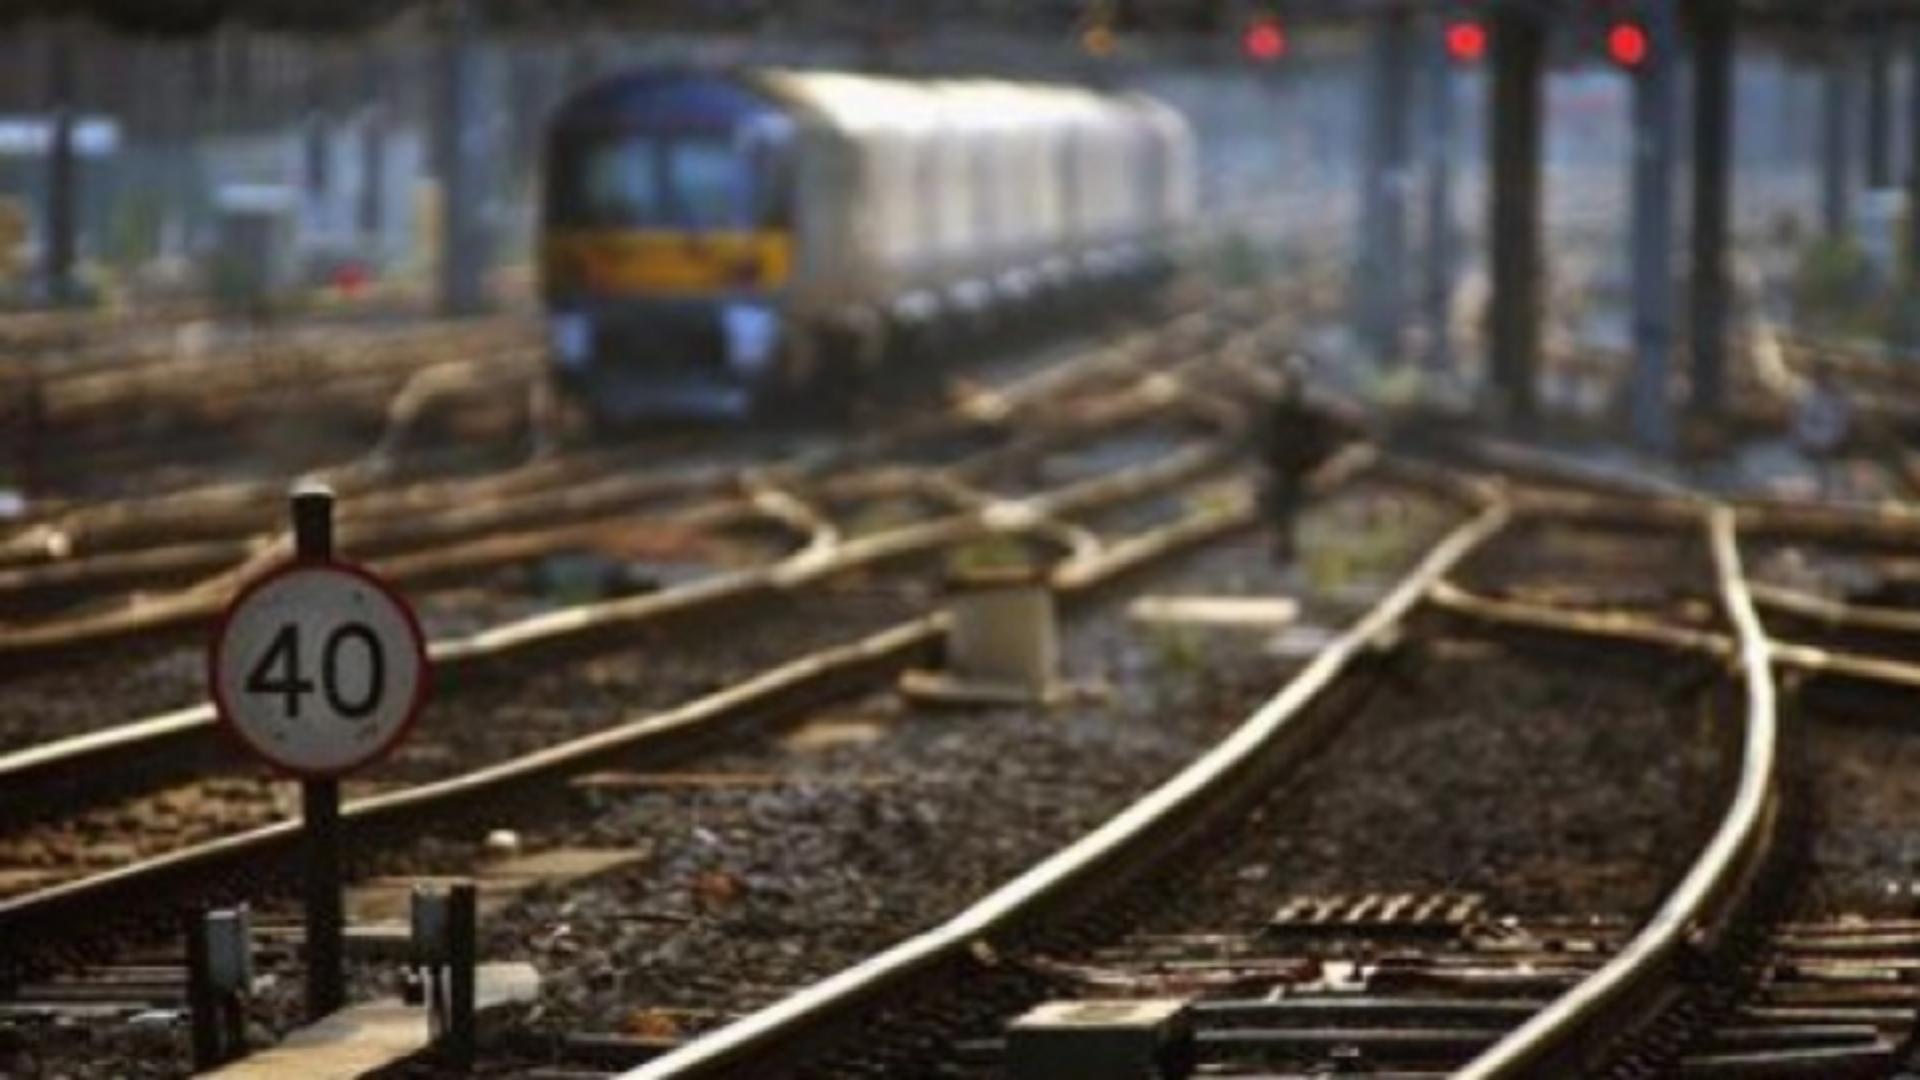 Cadavrul secționat al unui bărbat a fost găsit între liniile de cale ferată